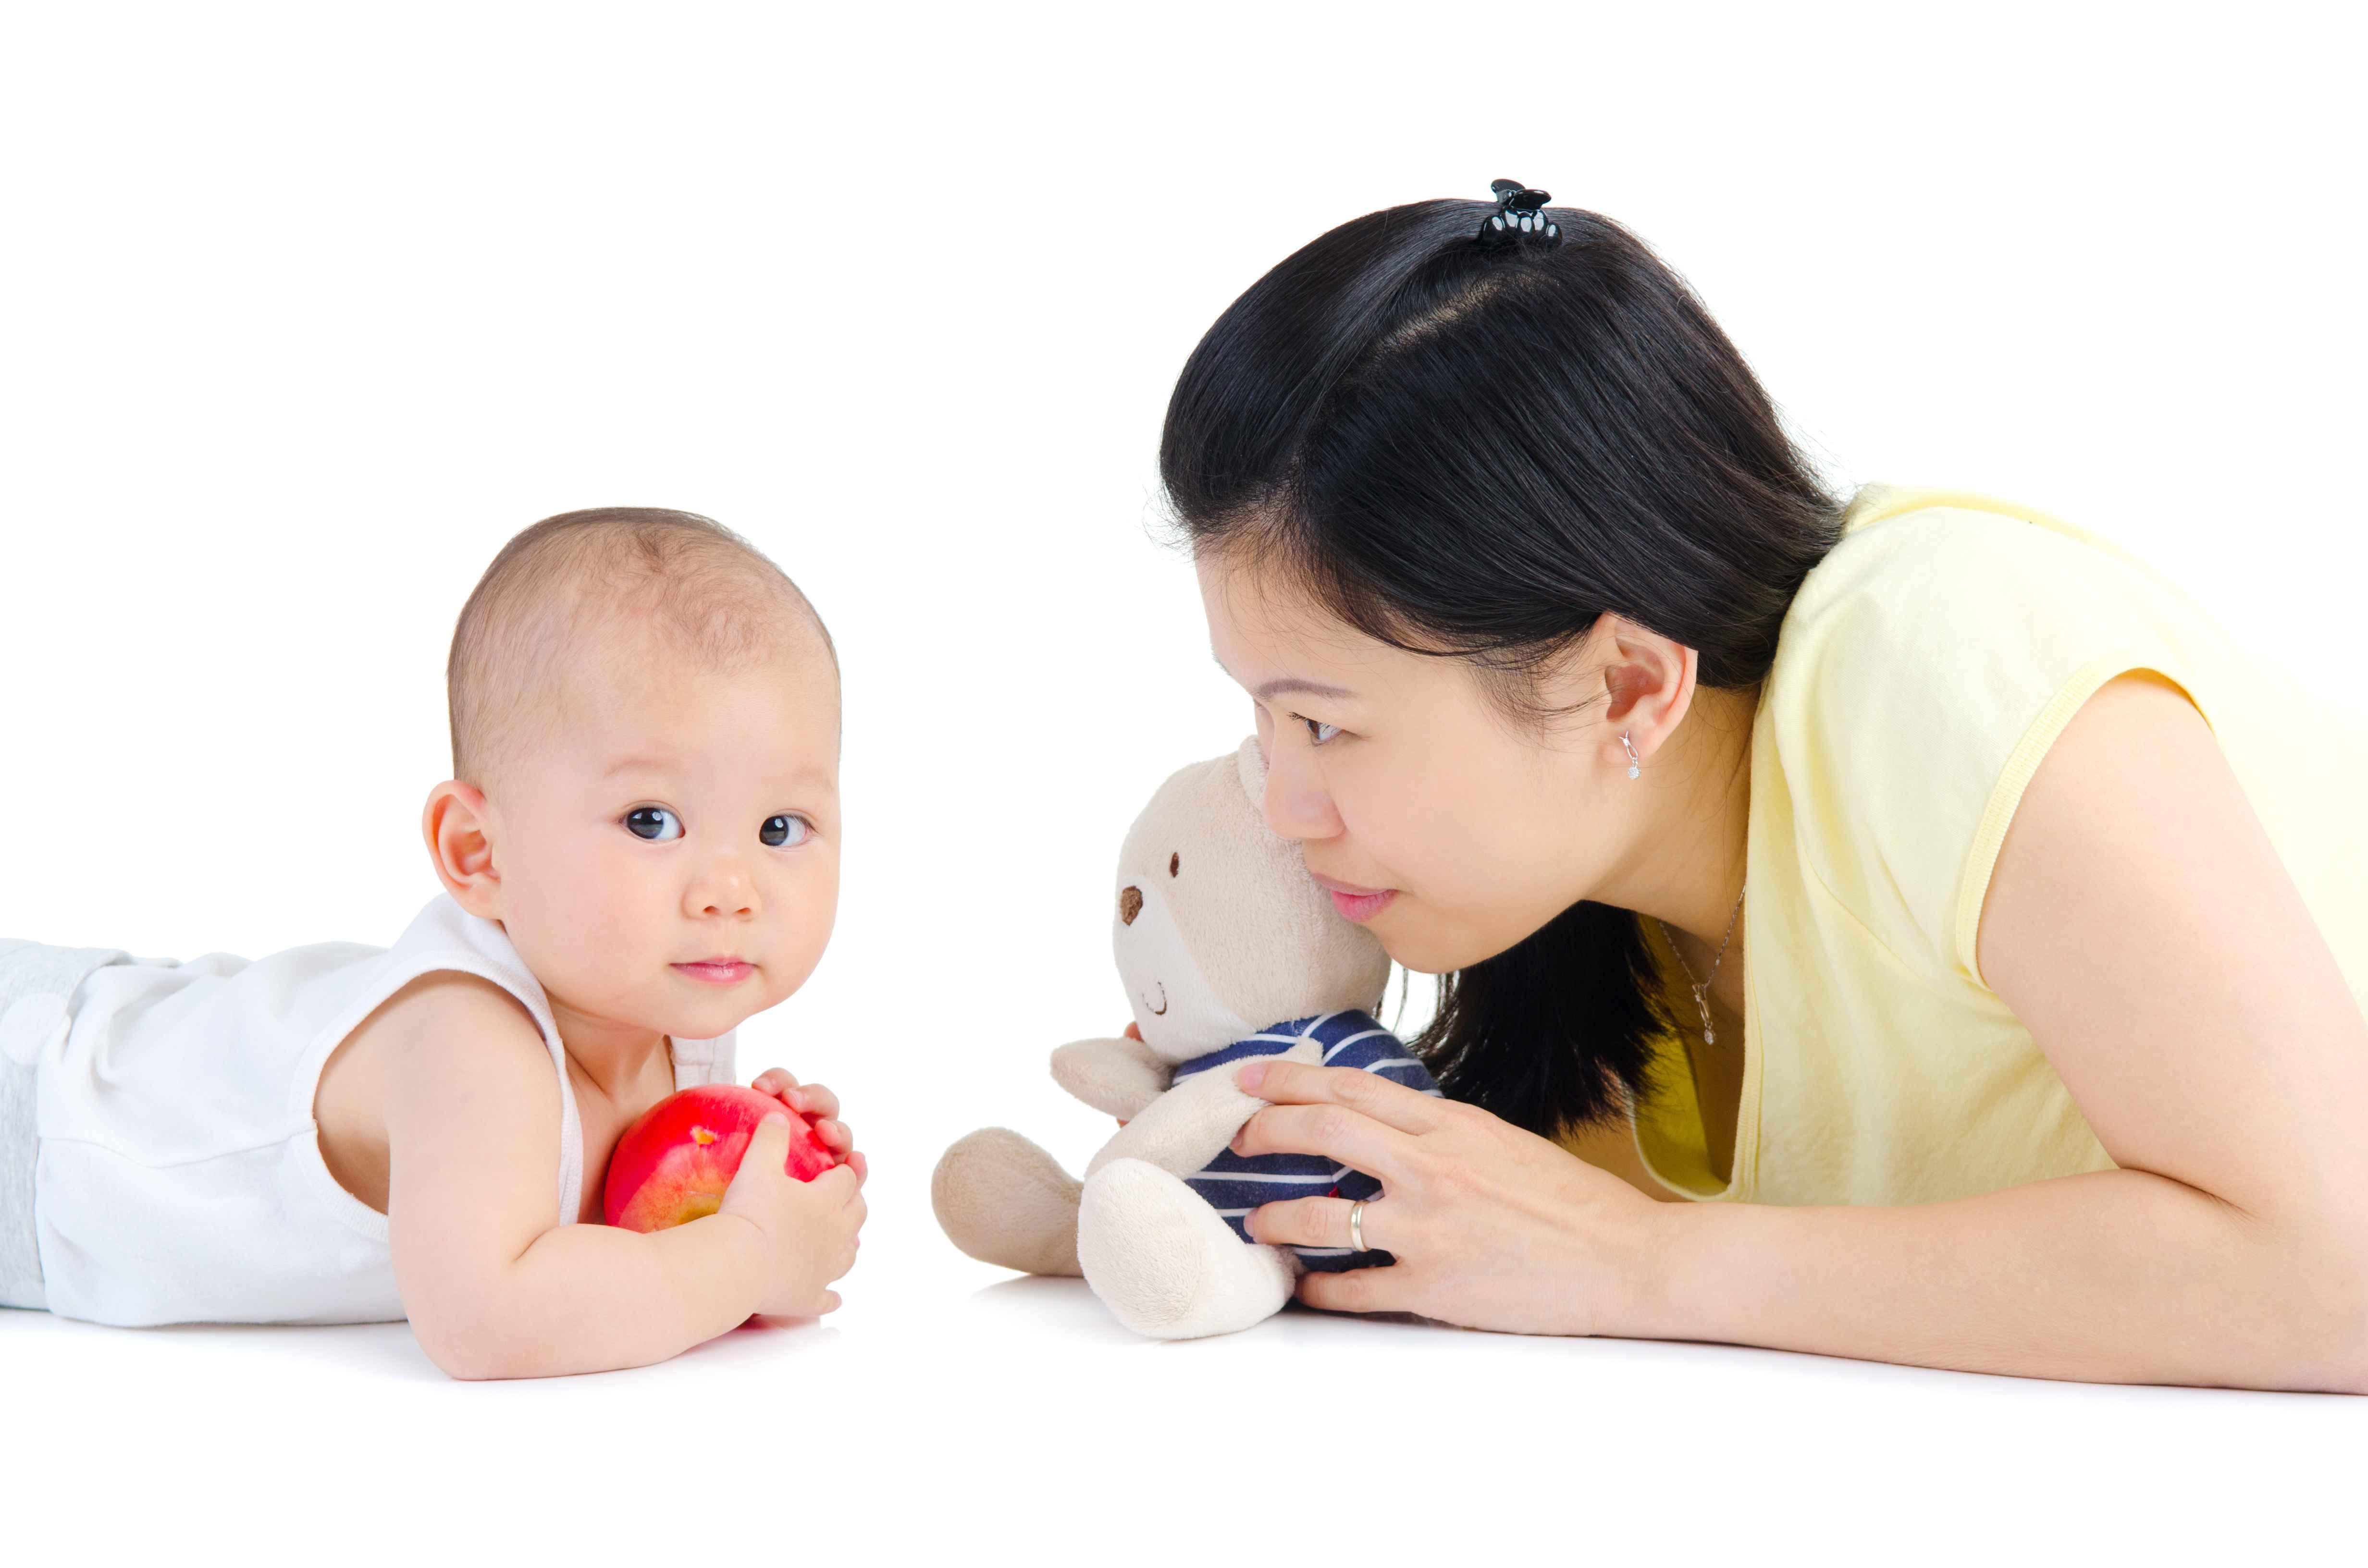 小心寶寶長不高注意事項,長高食譜大全